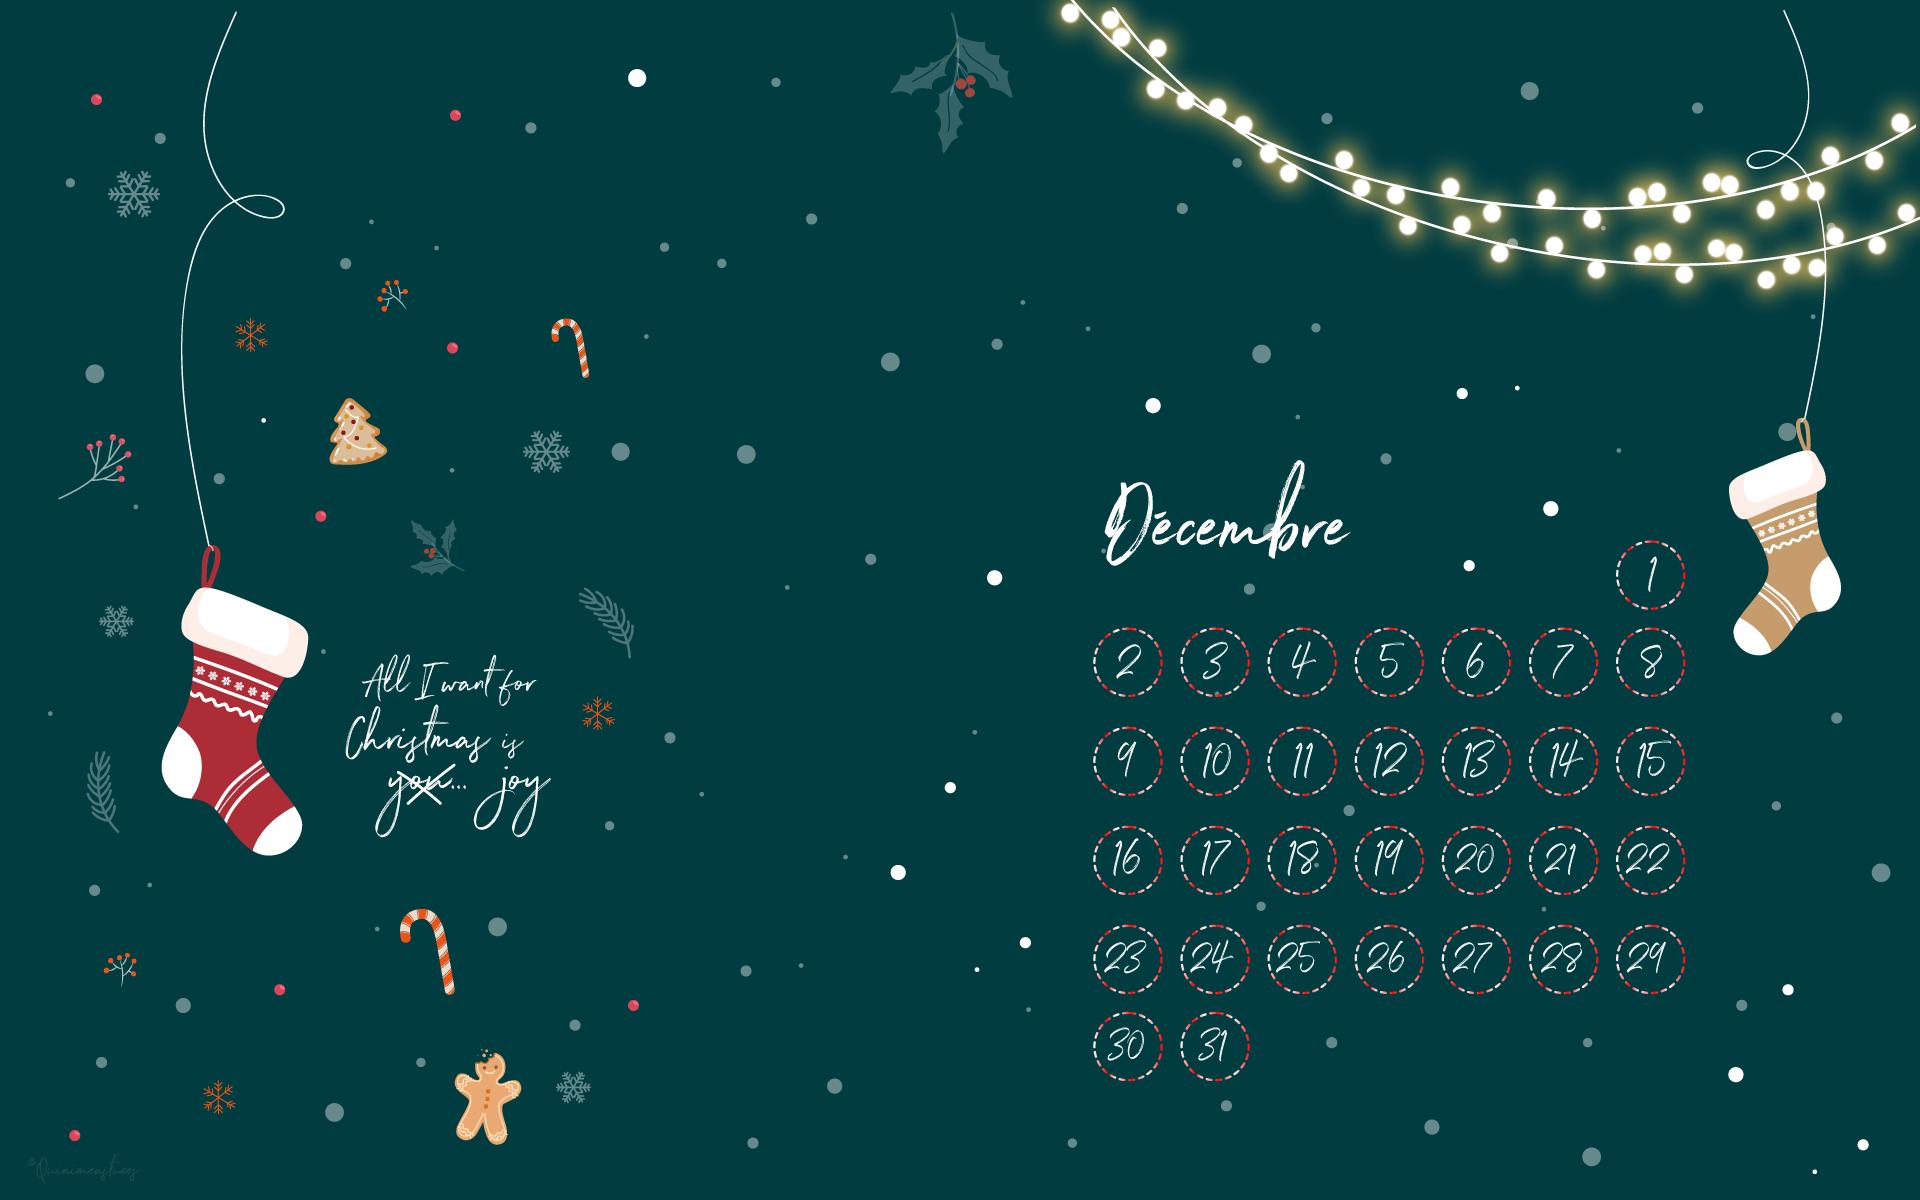 calendrier décembre 2019 Noël